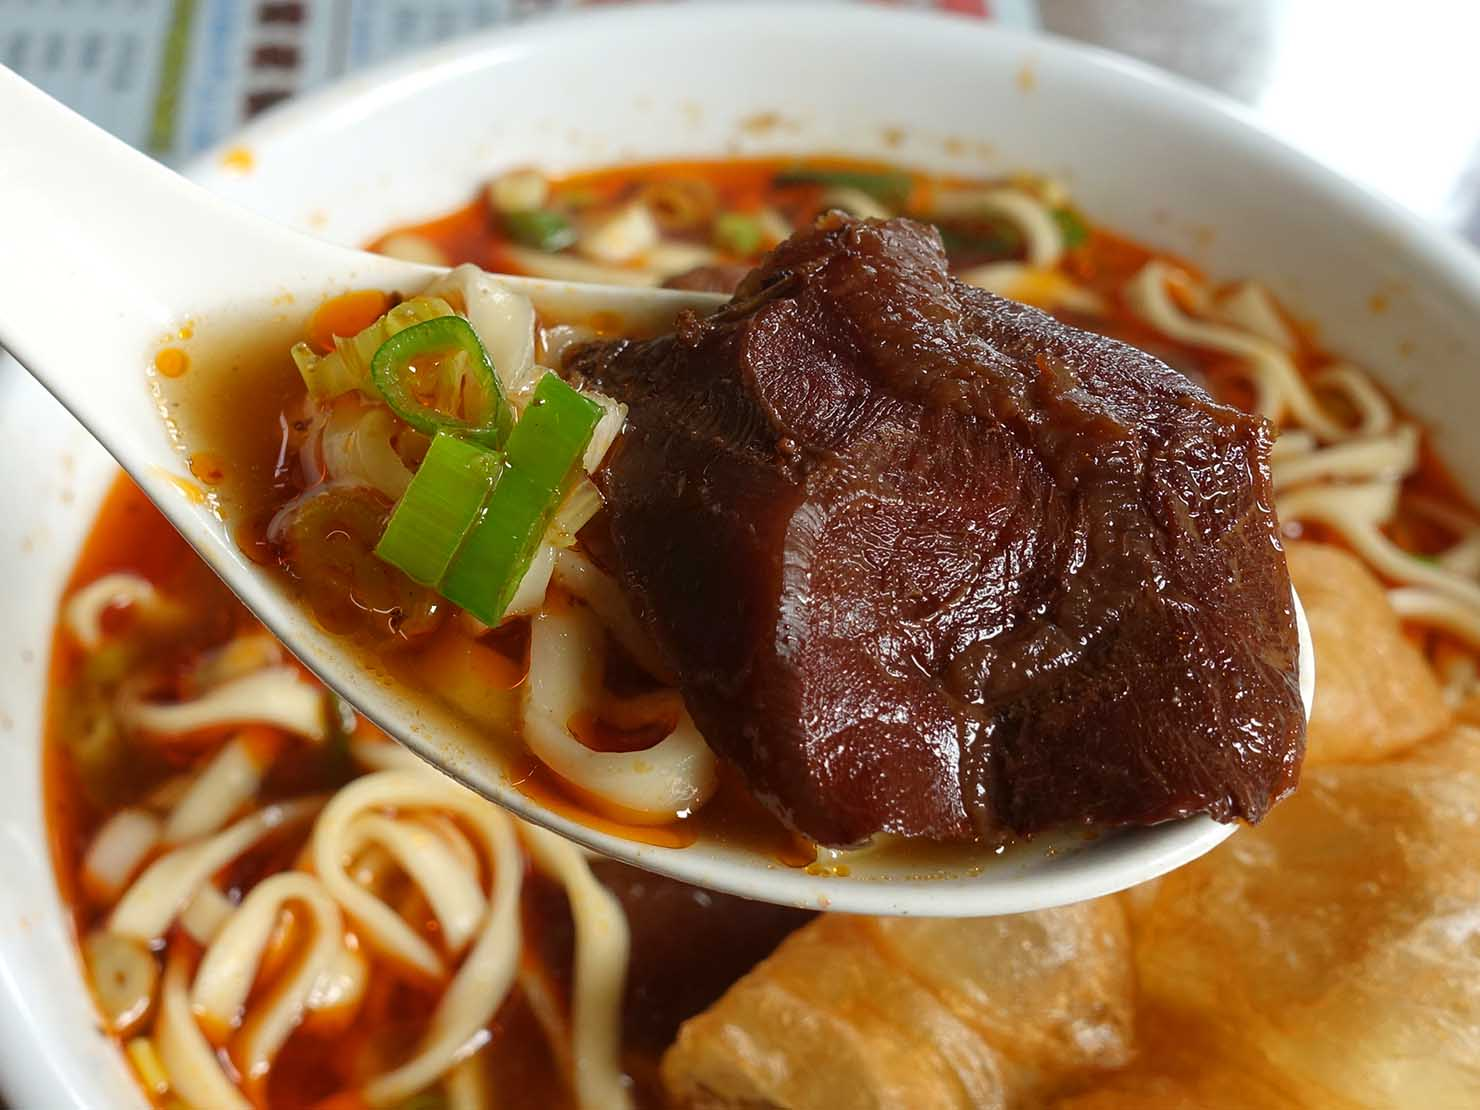 台北・國父紀念館のおすすめグルメ店「江家永和豆漿/牛肉麵」の牛肉麵クローズアップ